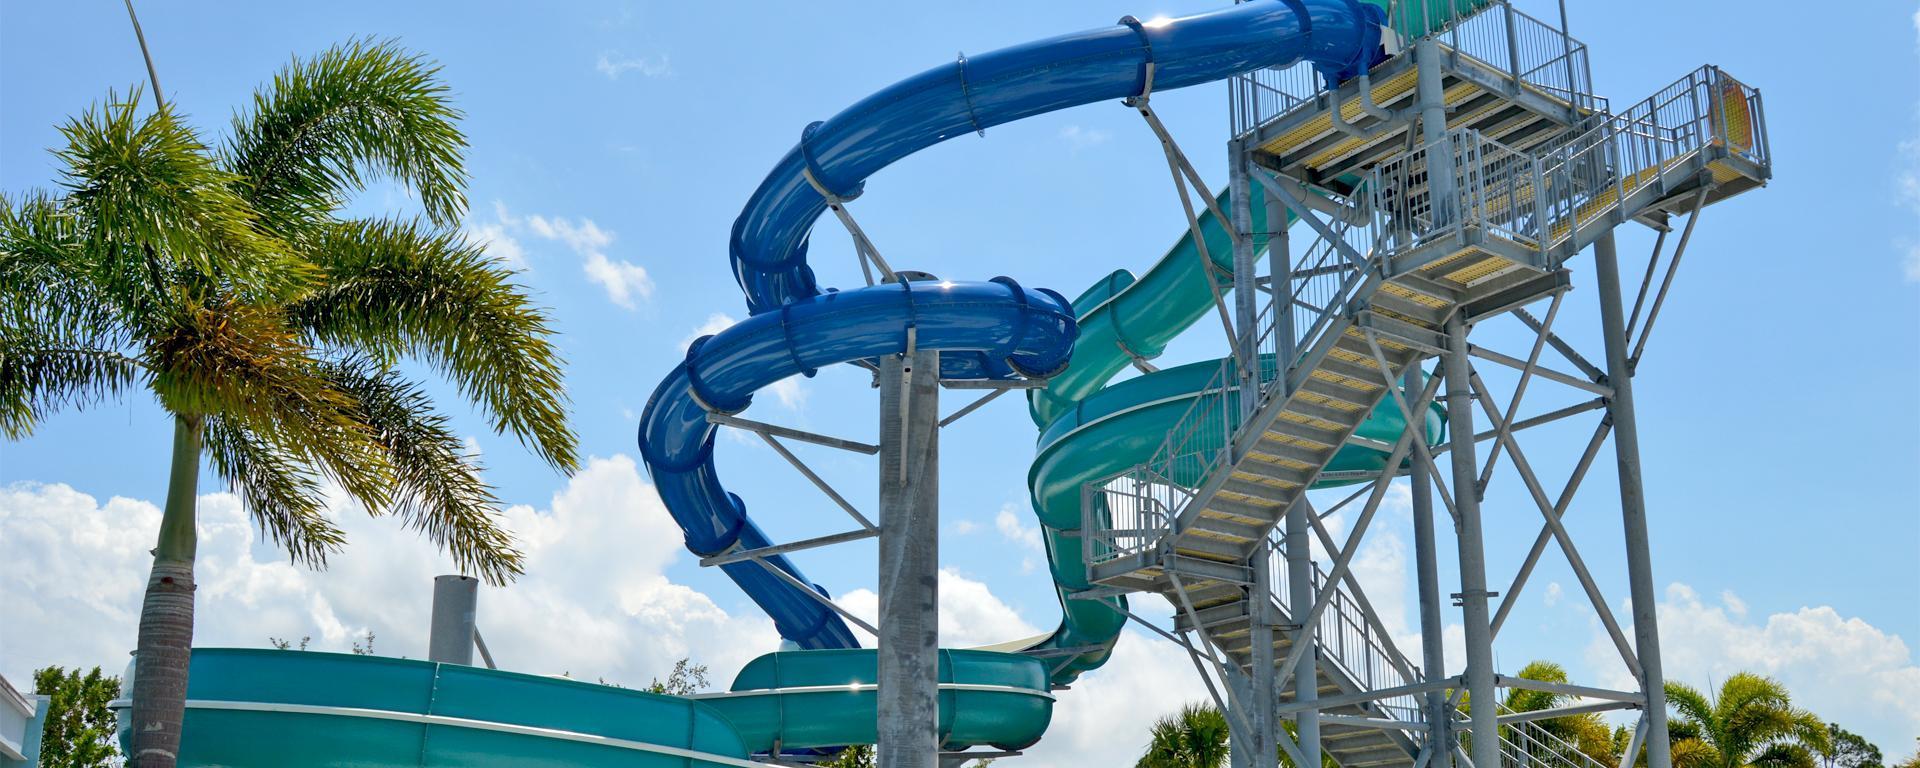 Flume Slide